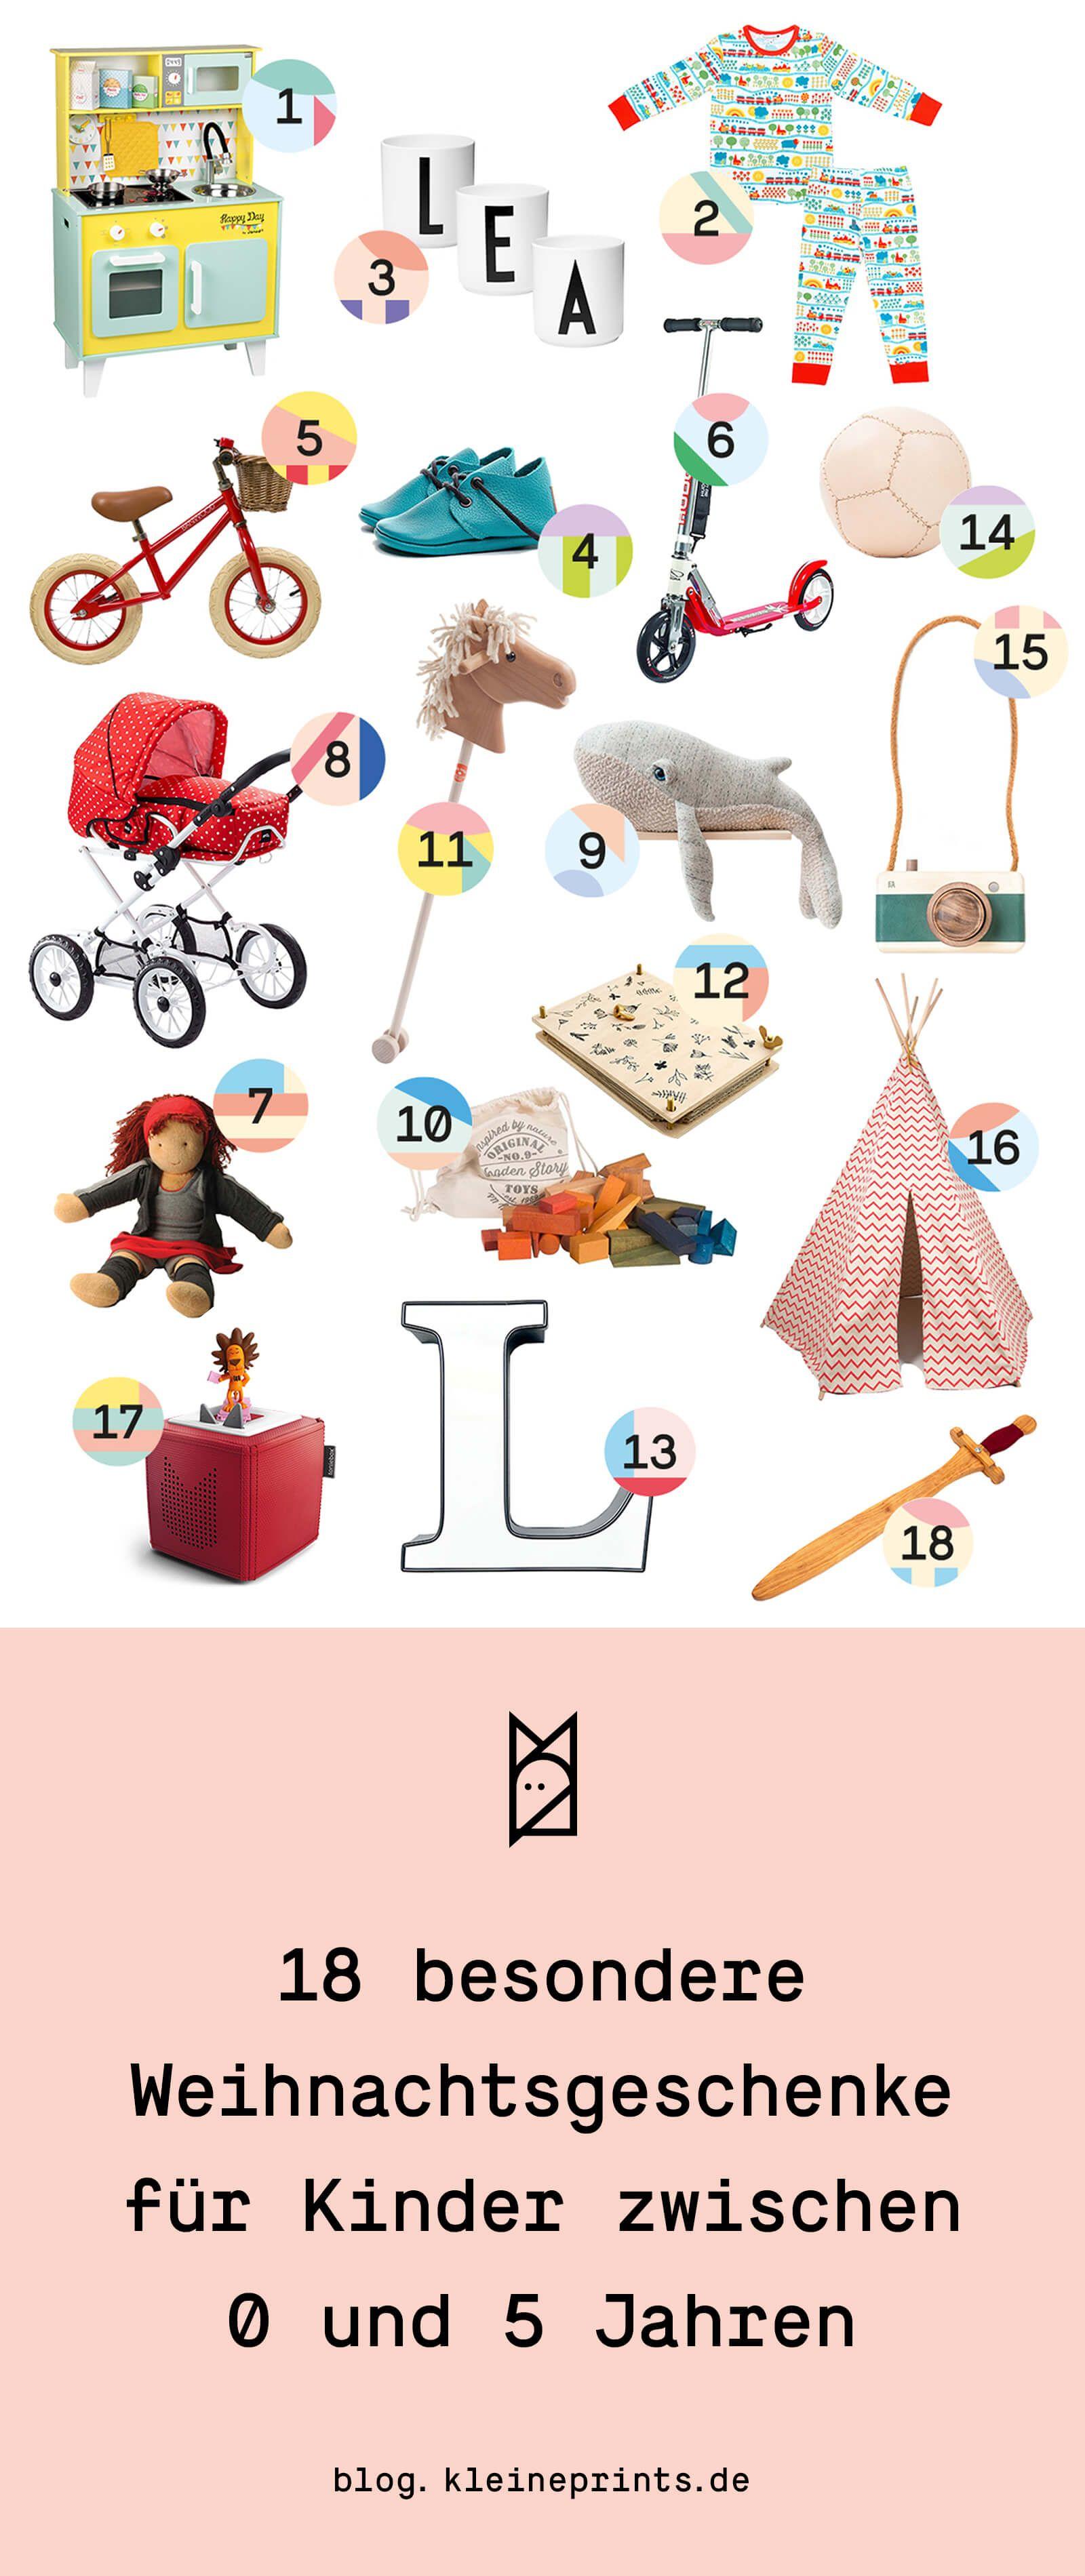 18 besondere Geschenke für Kinder zwischen 0 und 5 Jahren ...